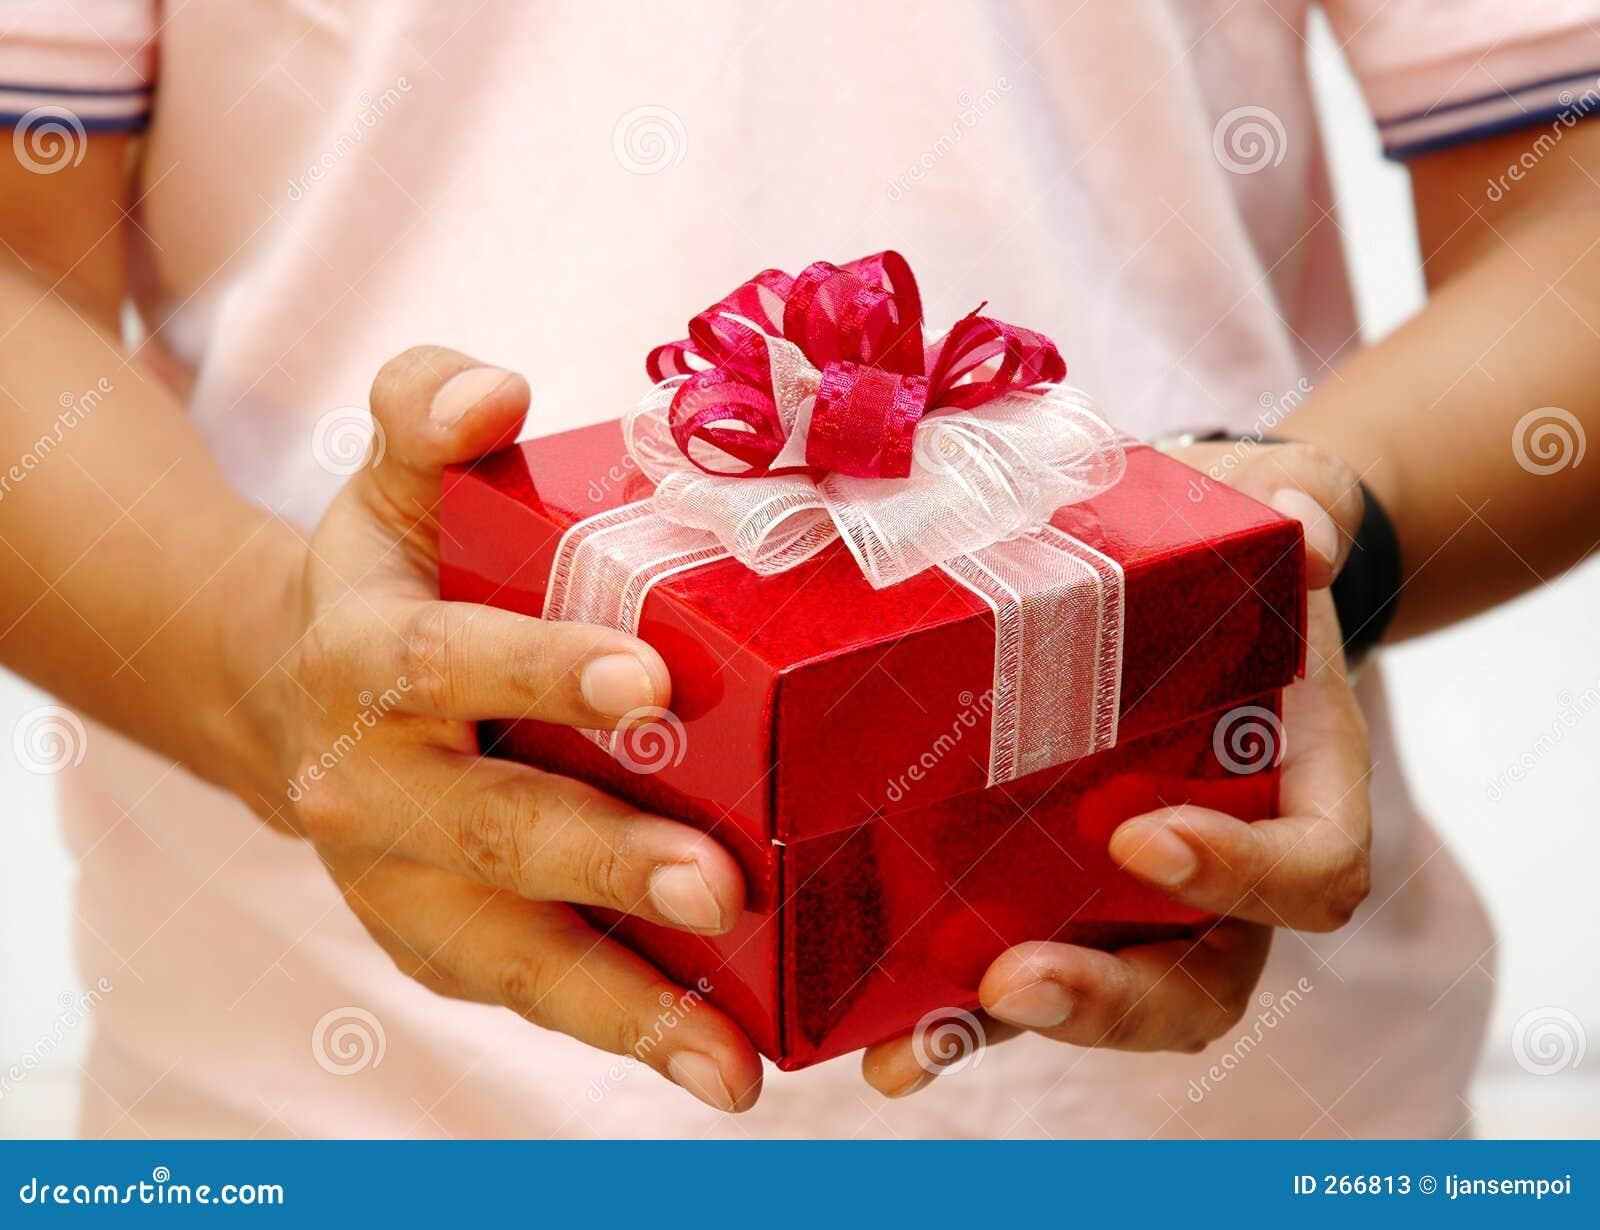 Подарки для девушки. Что подарить девушке 88